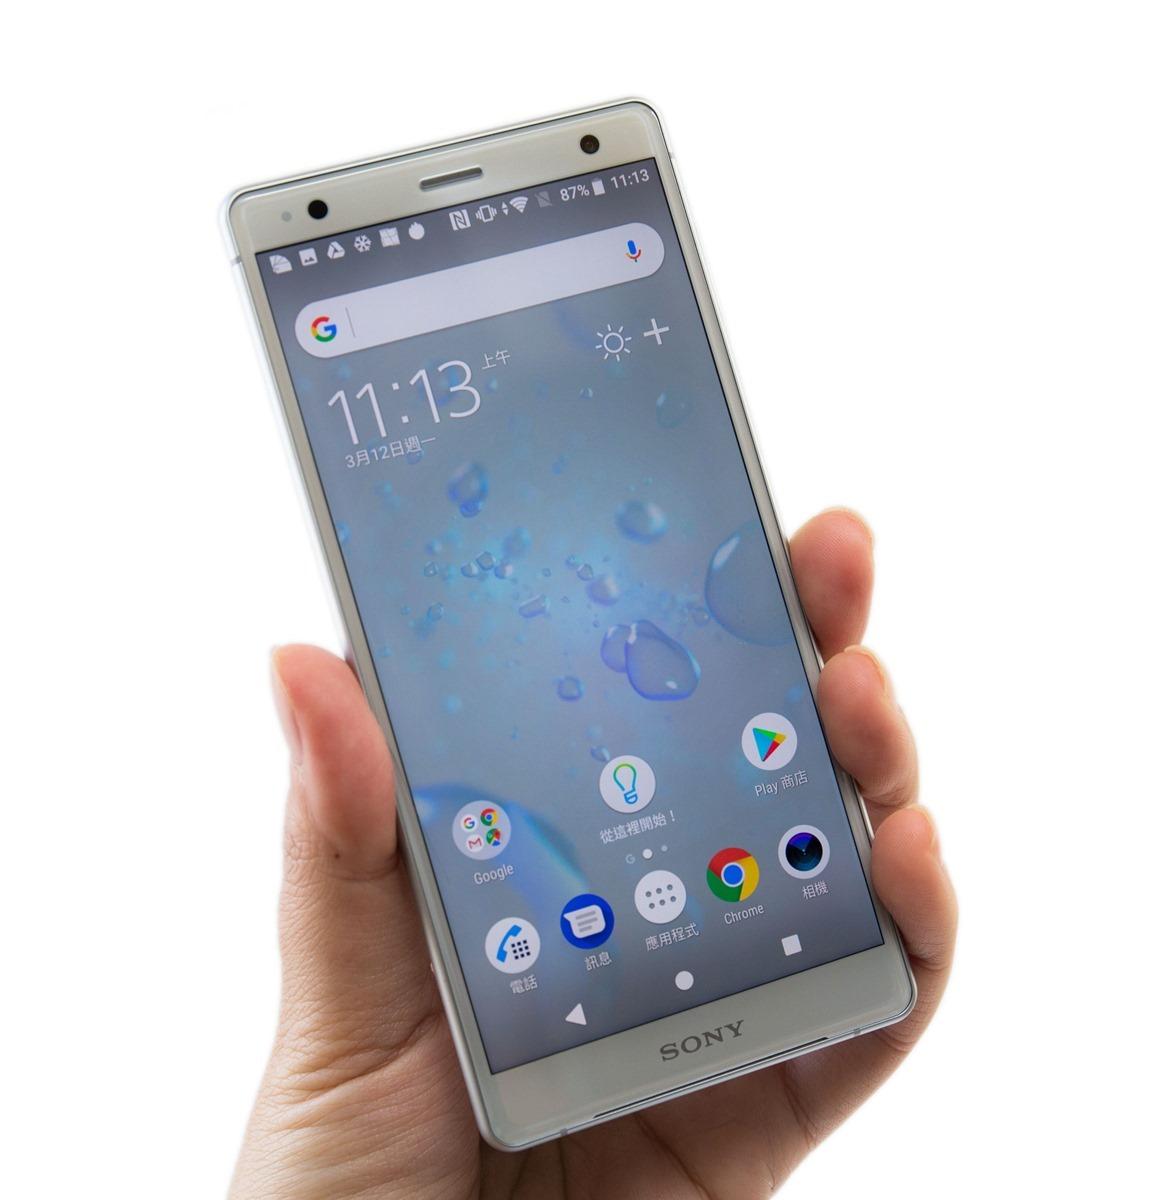 高通 S845 性能電力實測來了!Sony Xperia XZ2 台灣發表!搭載高通 S845 最新旗艦處理器! @3C 達人廖阿輝